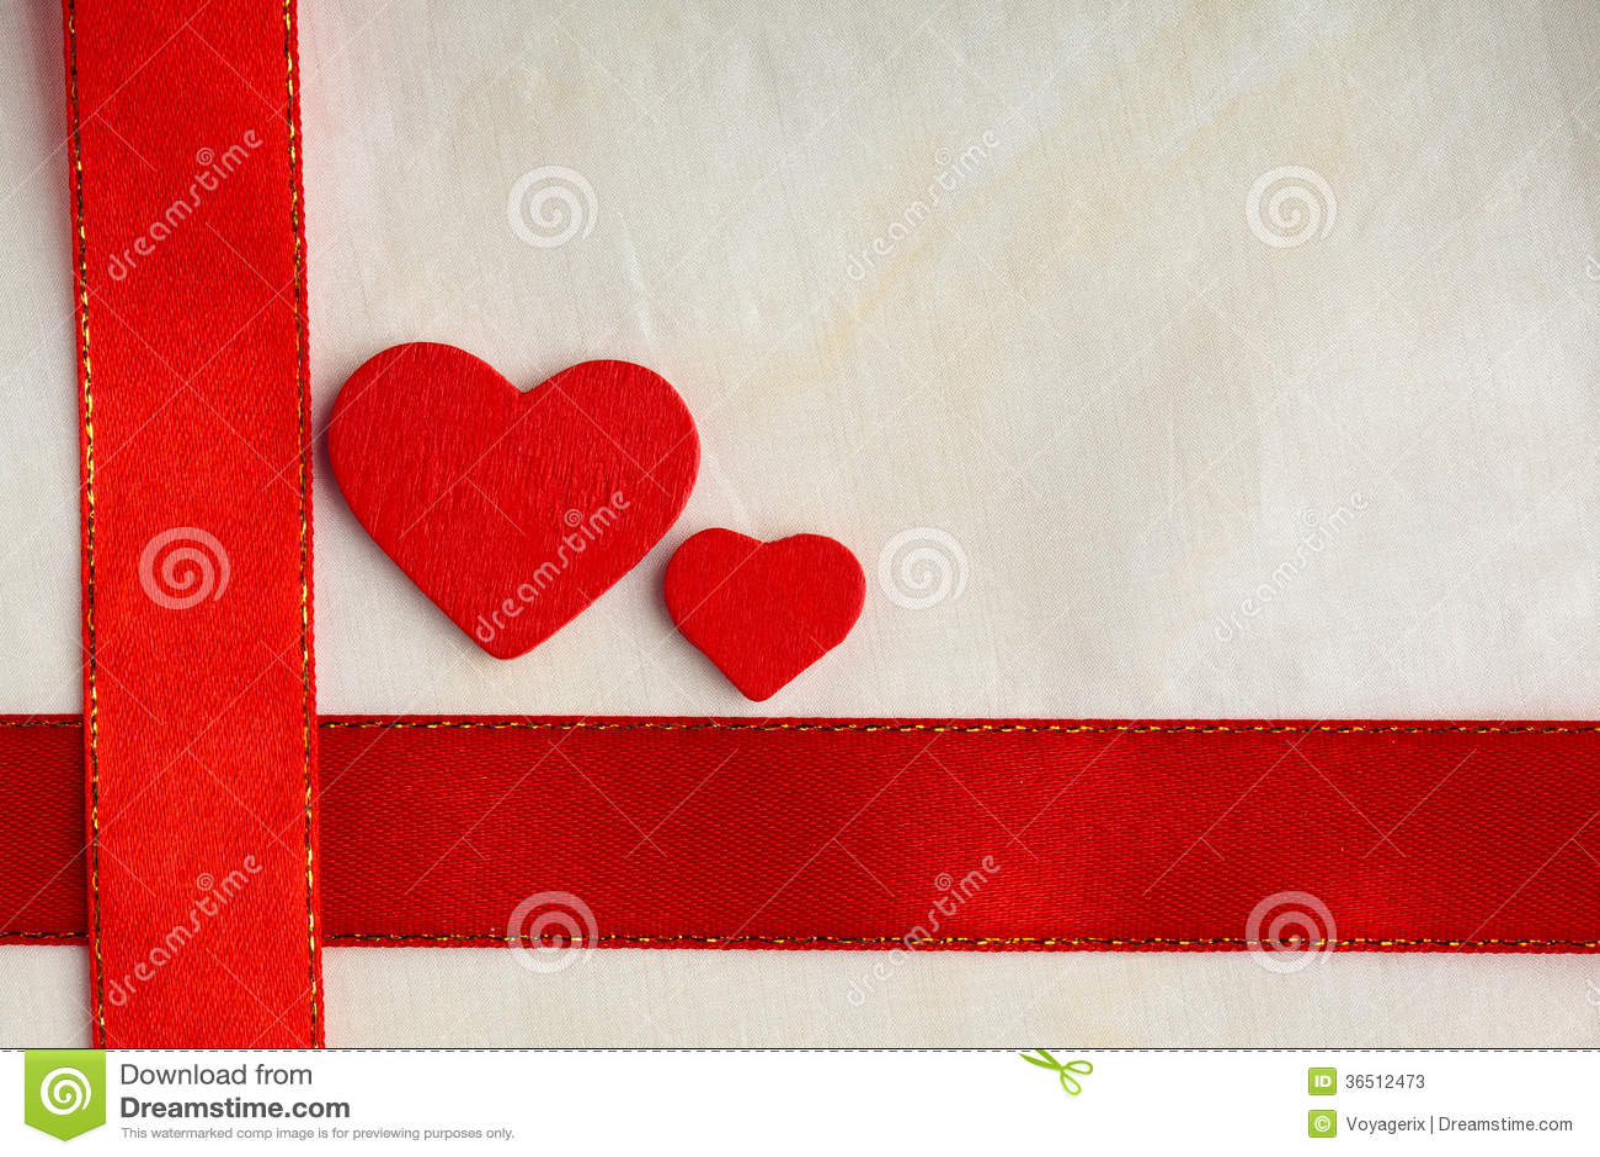 Fond de jour de valentines. Ruban et coeurs rouges de satin.